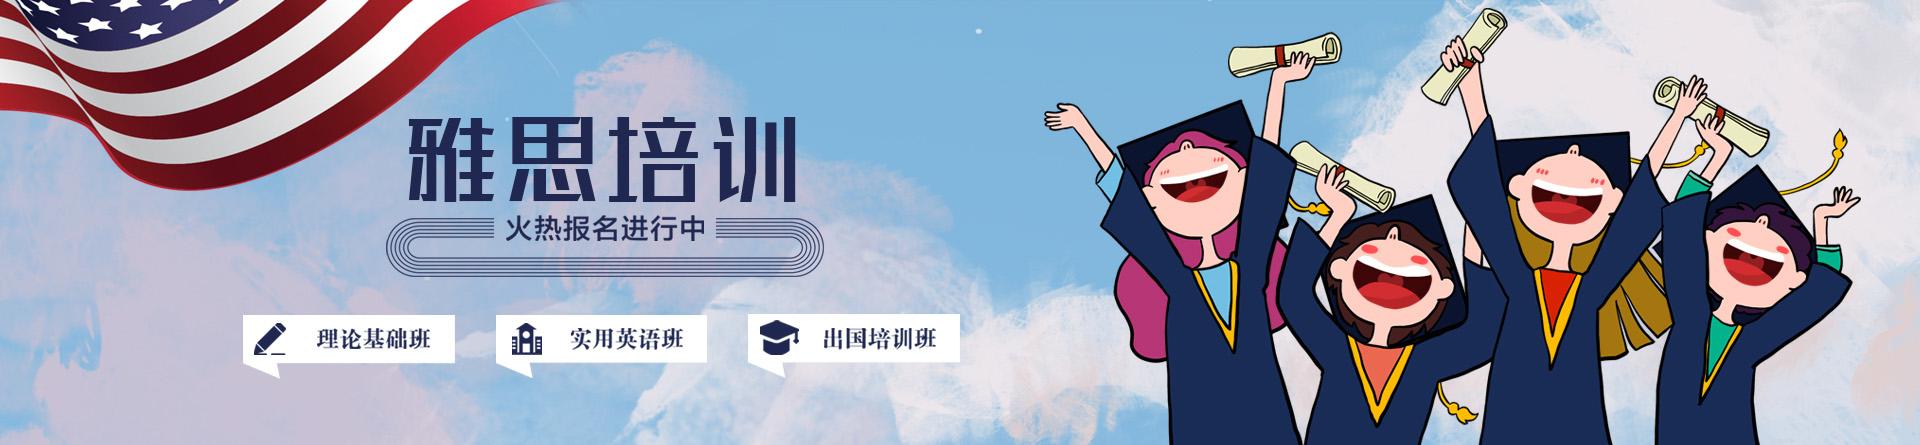 武汉江夏全封闭新航道英语培训